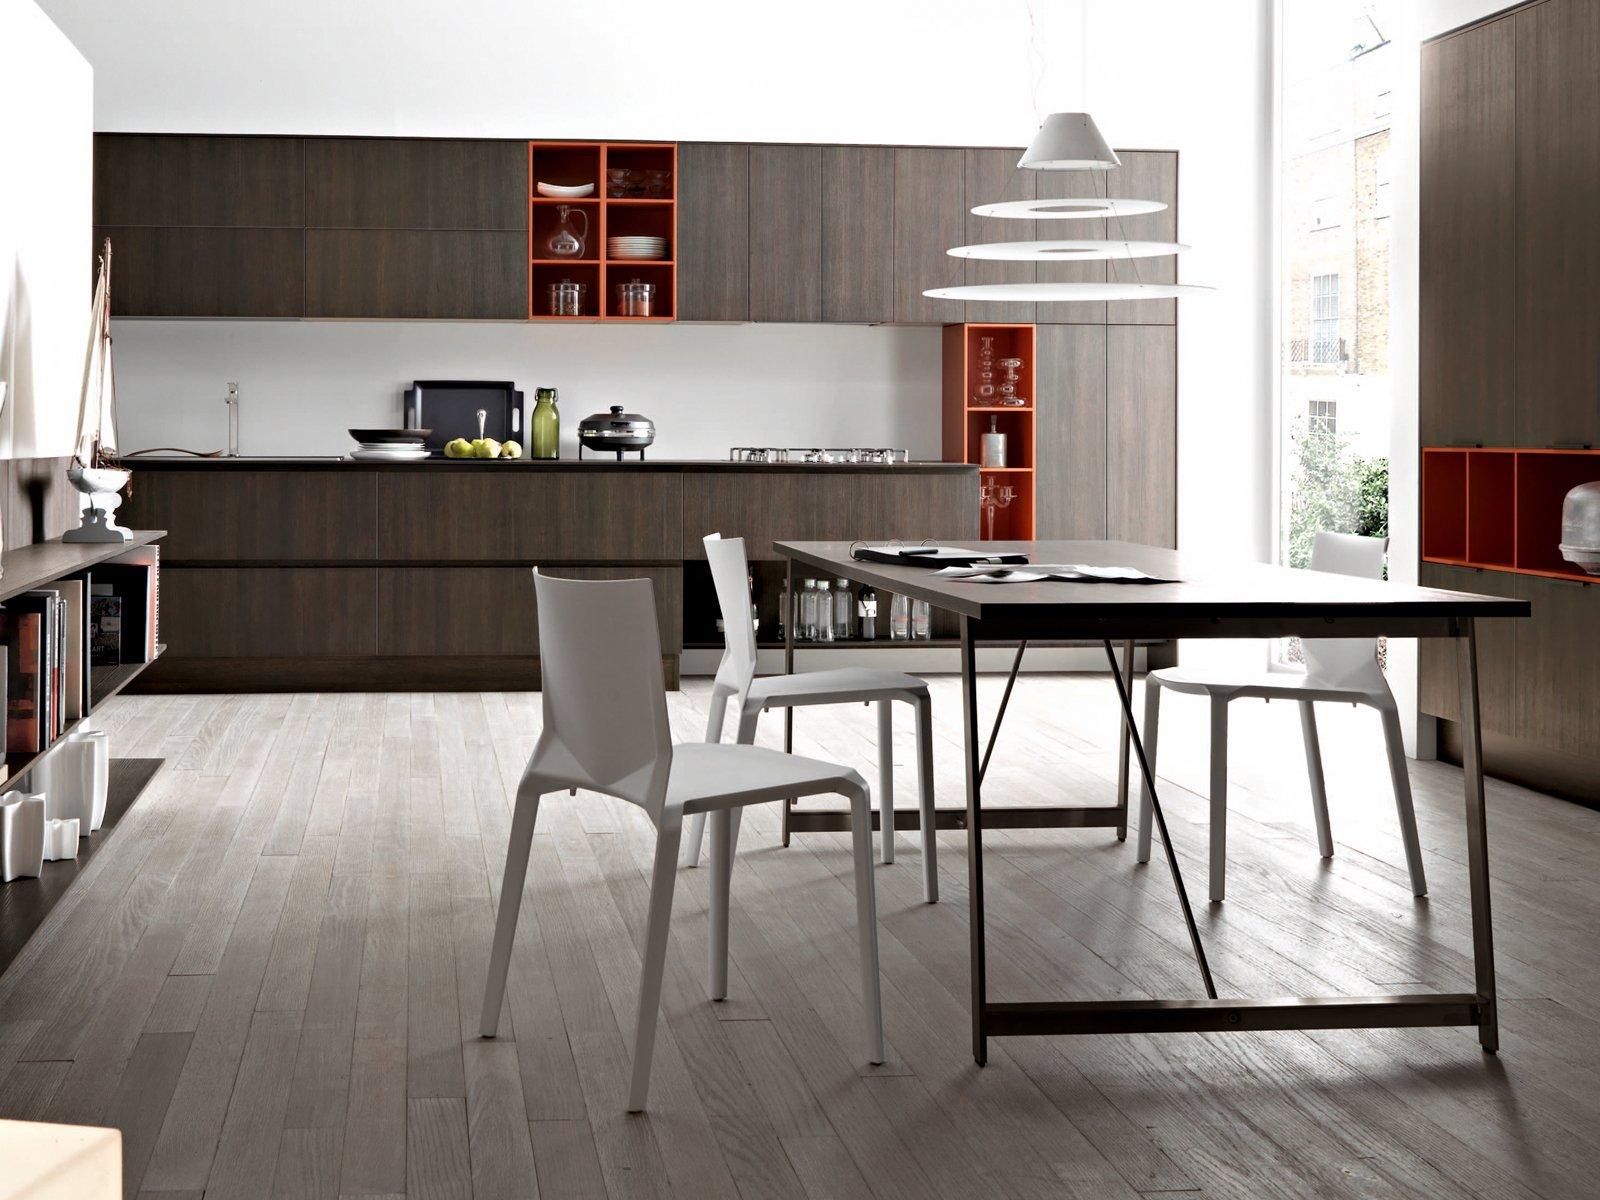 Con Effetto Caldo E Originale La Cucina Kora Di Cesar Accosta Ante In  #955036 1600 1200 Pensili E Basi Cucina Ikea